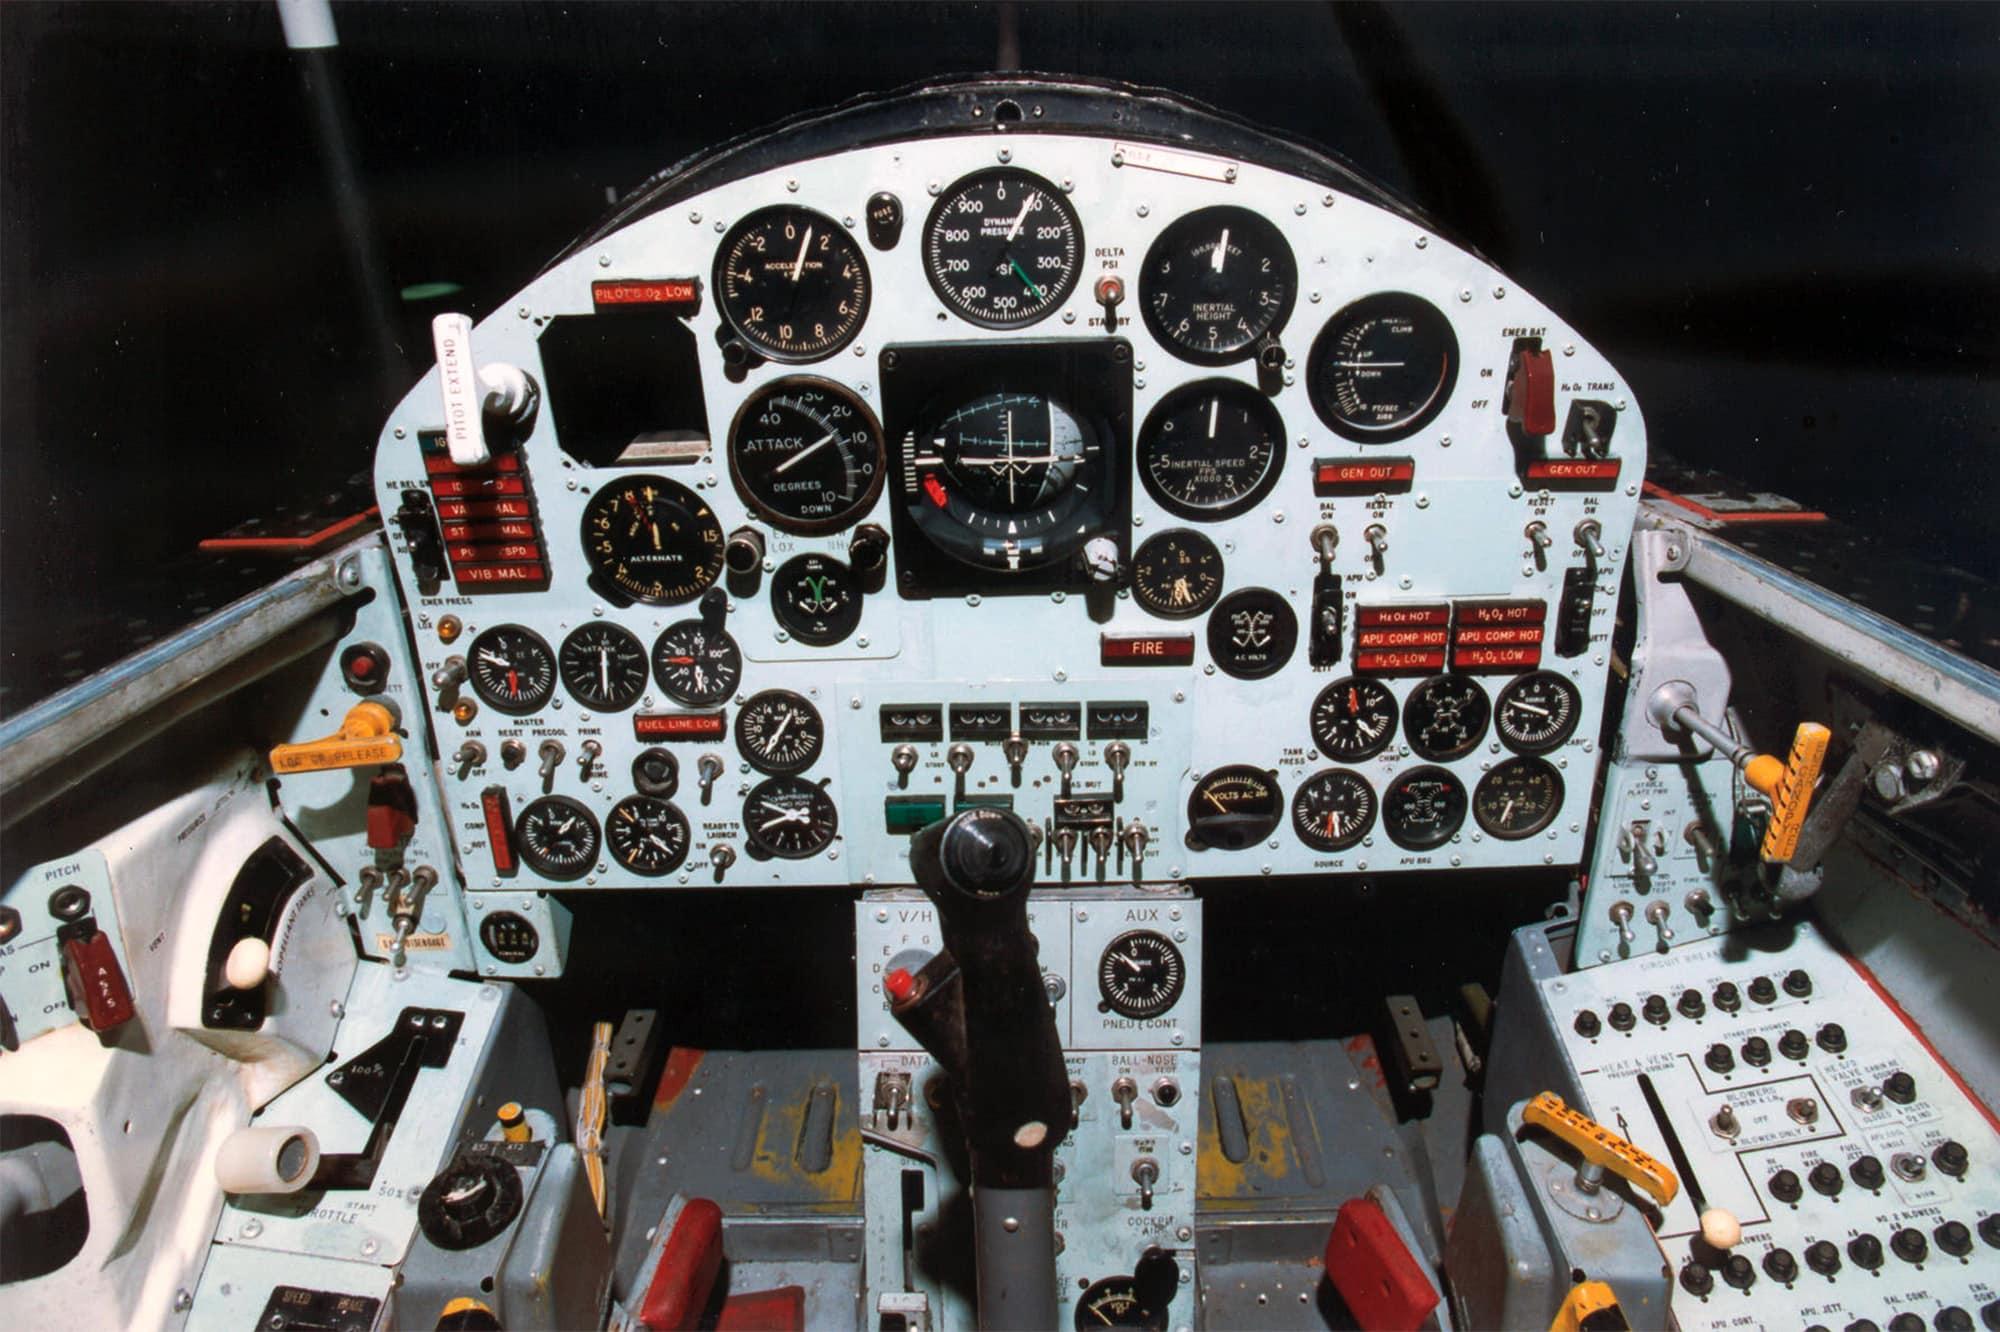 Zrakoplovom X-15 letio je i Neil Armstrong (Credit: USAF/NASA)